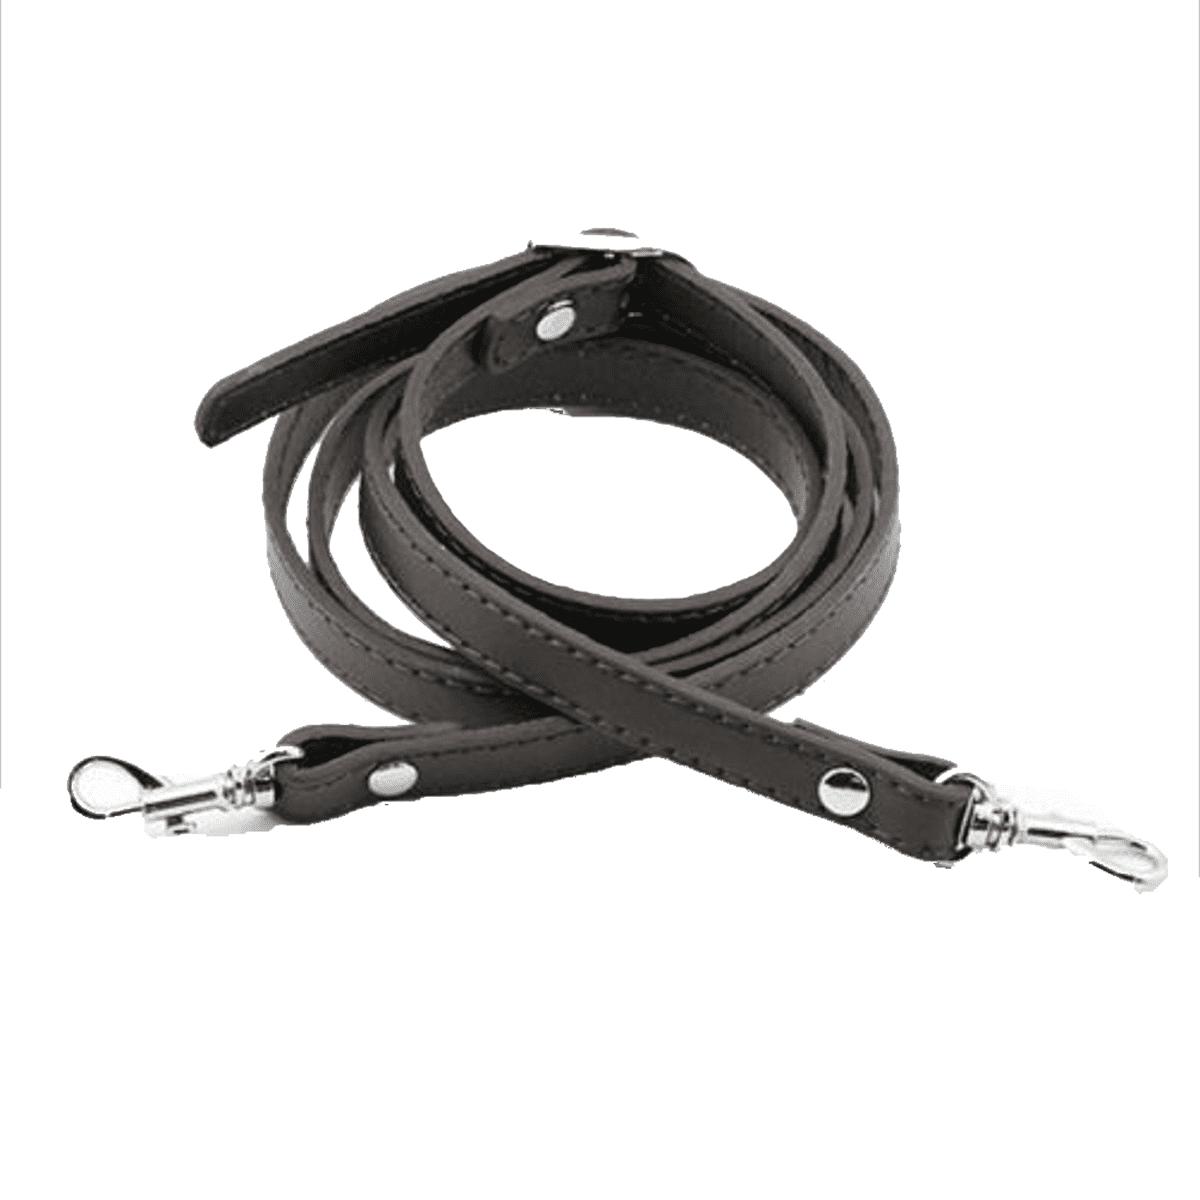 Details about  /Adjustable PU Leather Crossbody Shoulder Bag Strap Handbag Bag Accessories 1.2cm